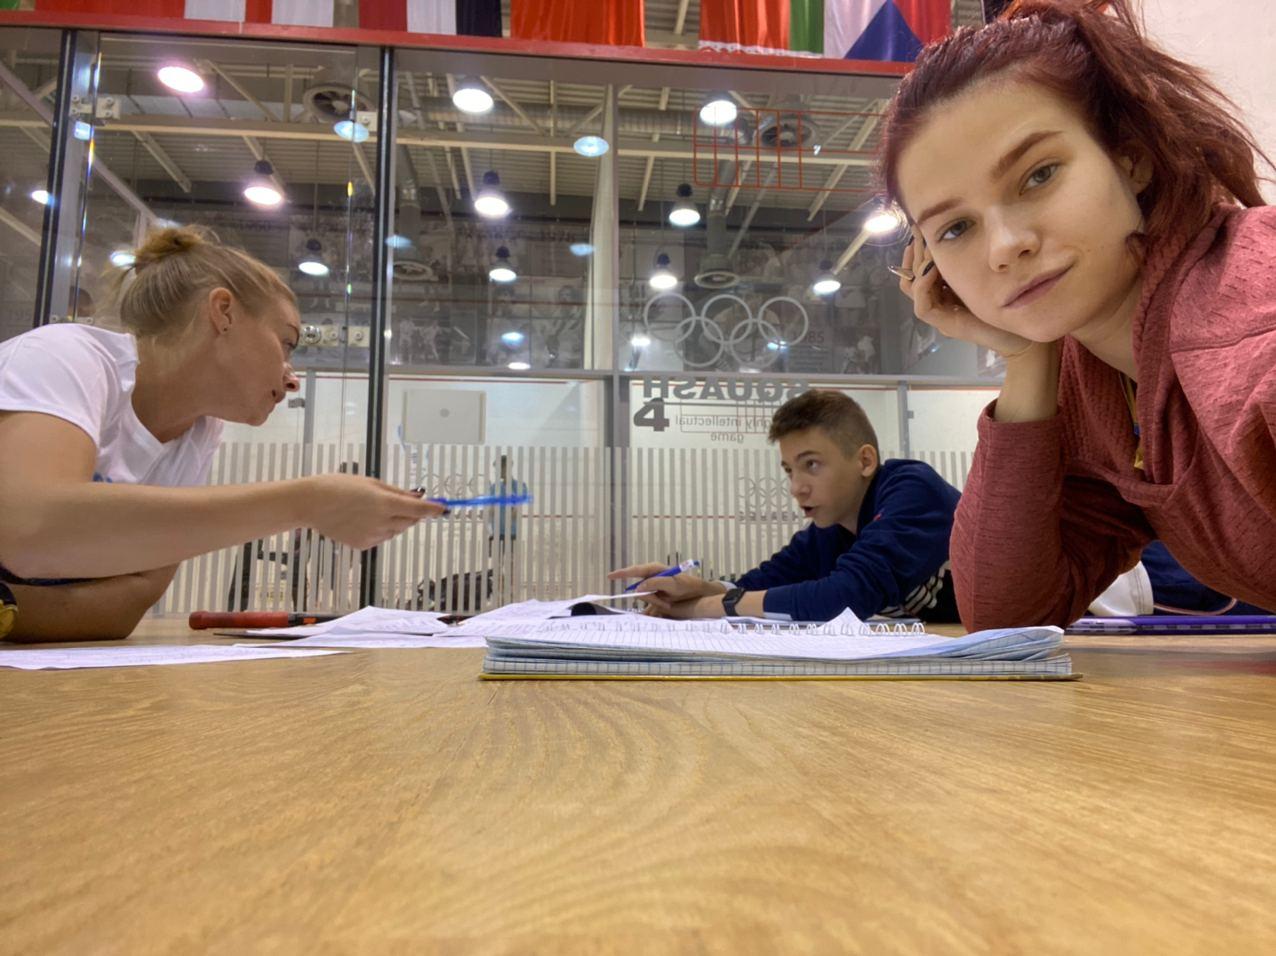 Анжеліка Польщікова: WSF Level 1 Coaching Course або як стати сквош-тренеркою в Україні